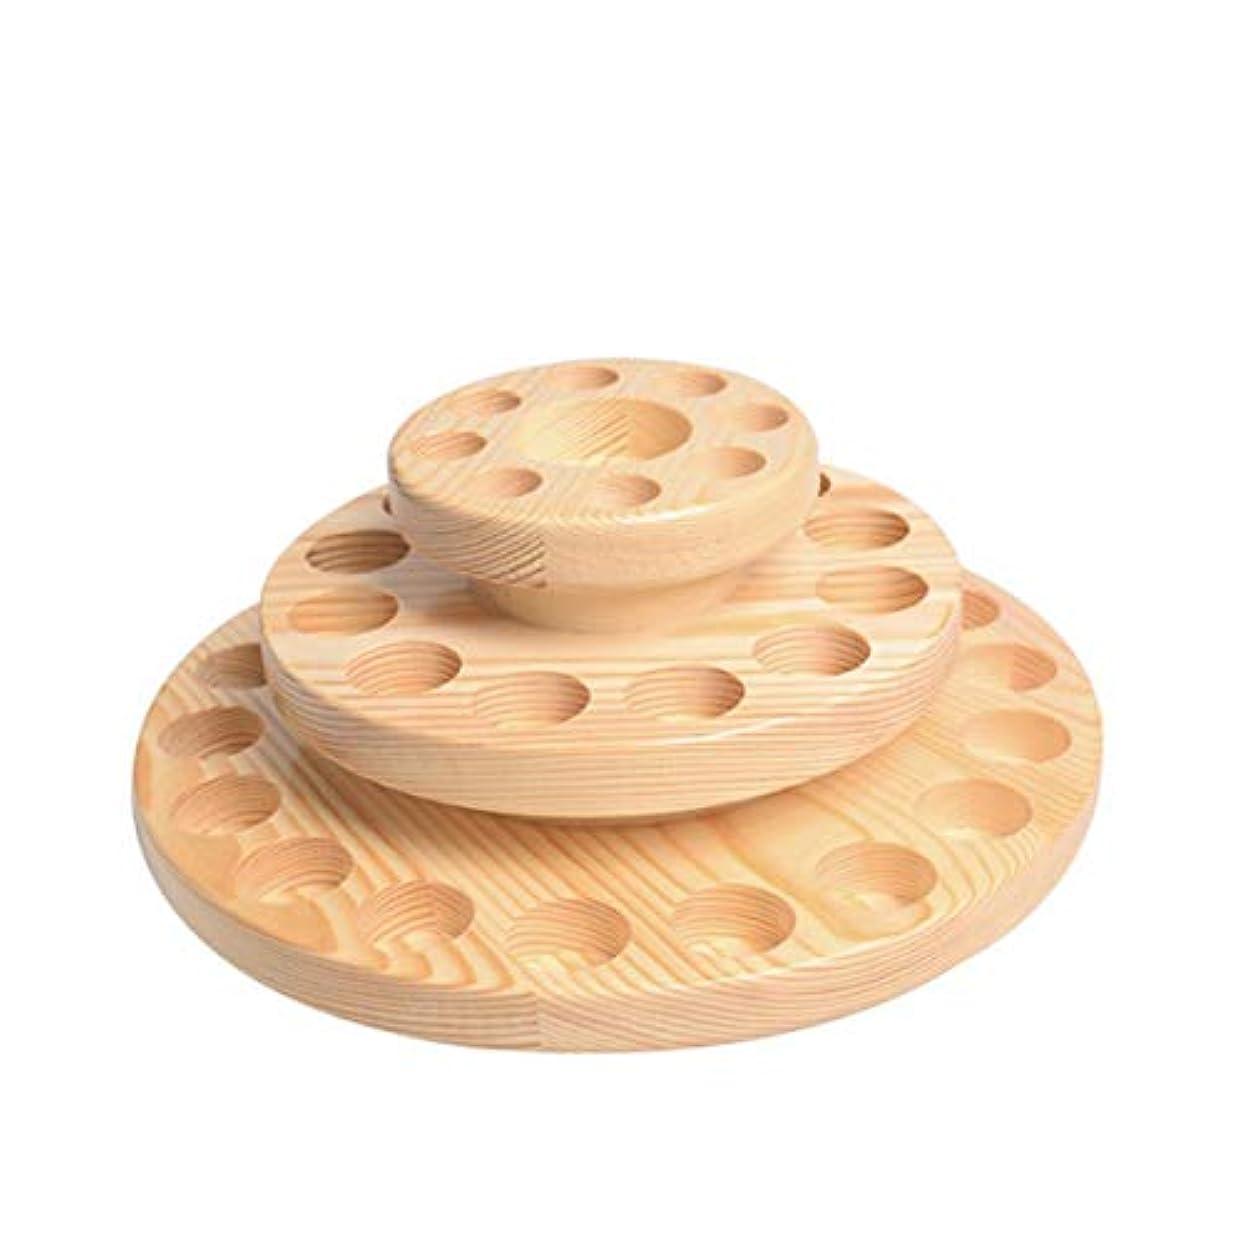 取り付けデコレーション会社TINKSKY アロマオイルスタンド エッセンシャルオイル収納 精油 ディスプレイスタンド 木製 回転台 精油収納 見つけ易い 39本用